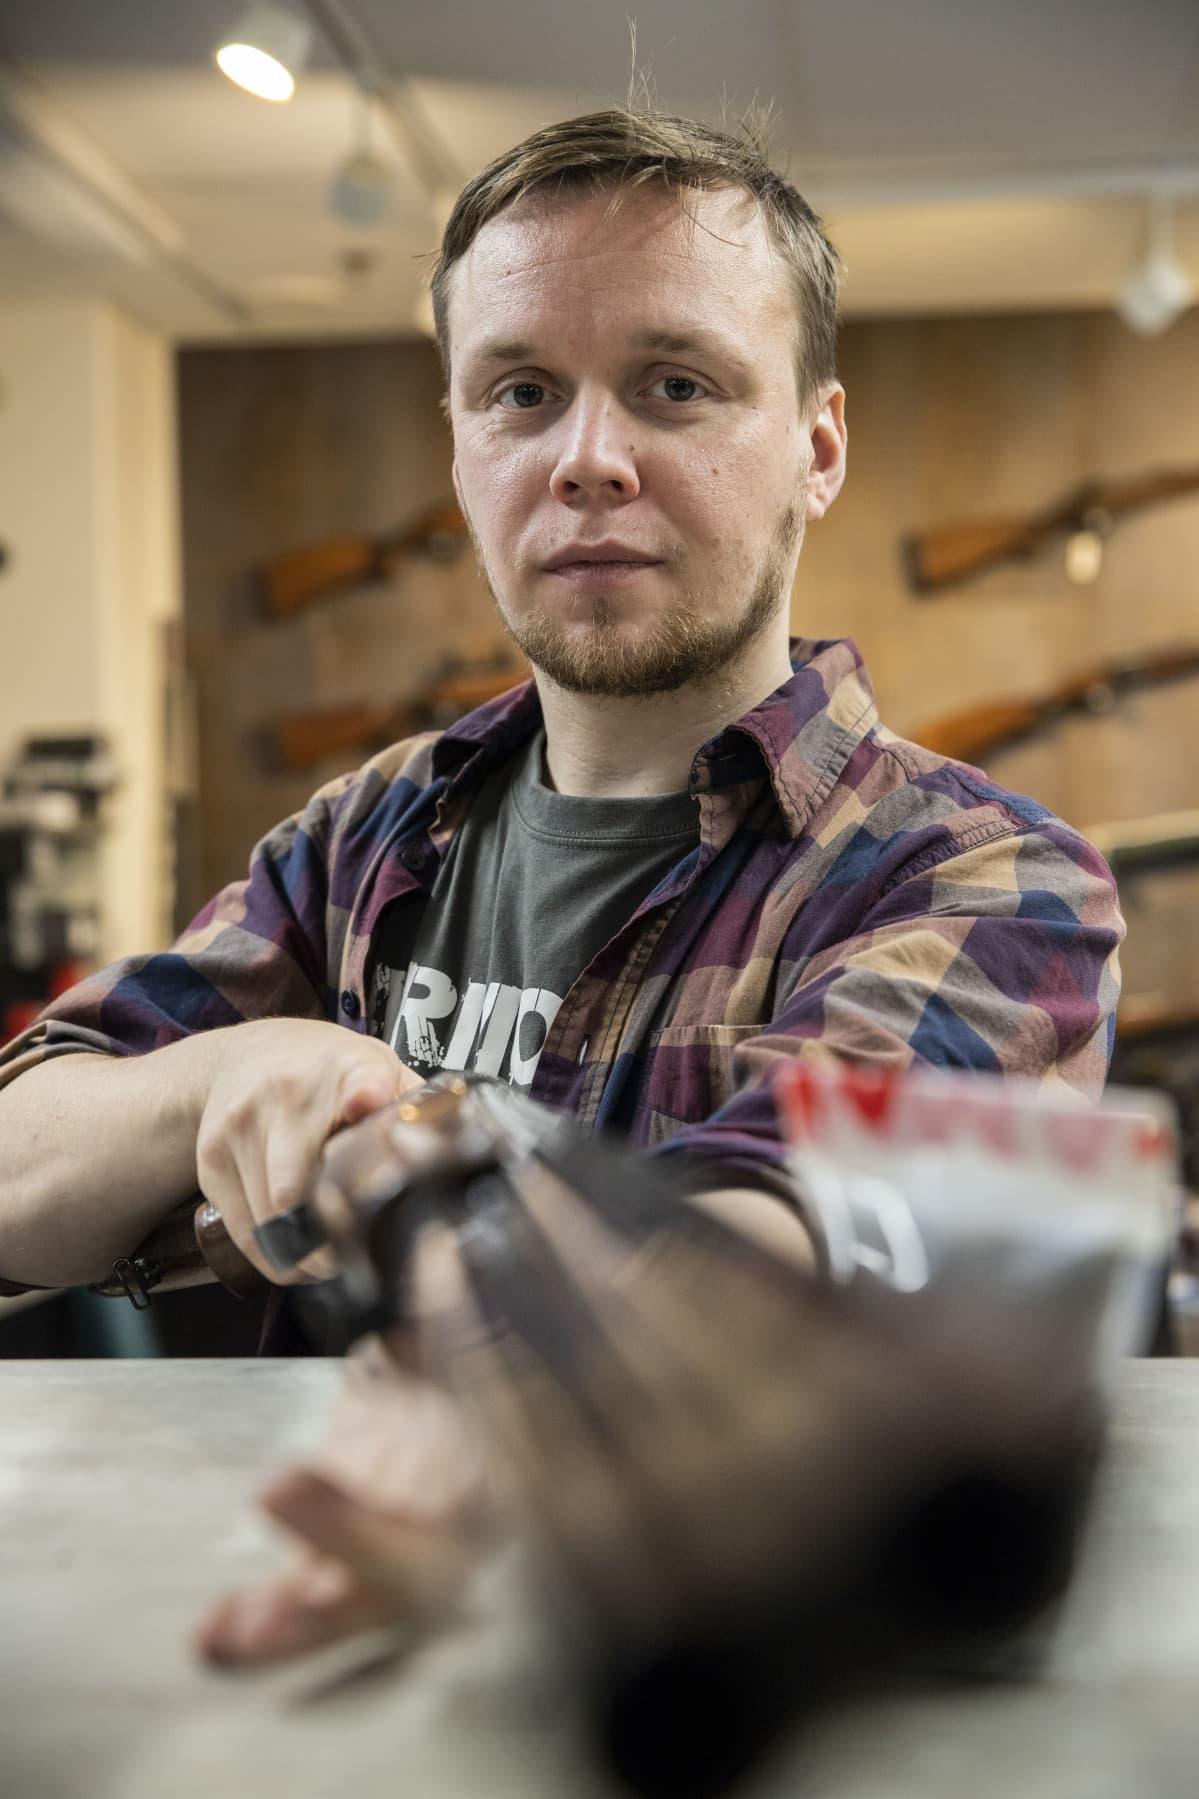 Armoria ase-liikkeen yrittäjä Vesa-Matti Iskanius käsittelee haulikkoa liikkeessään.